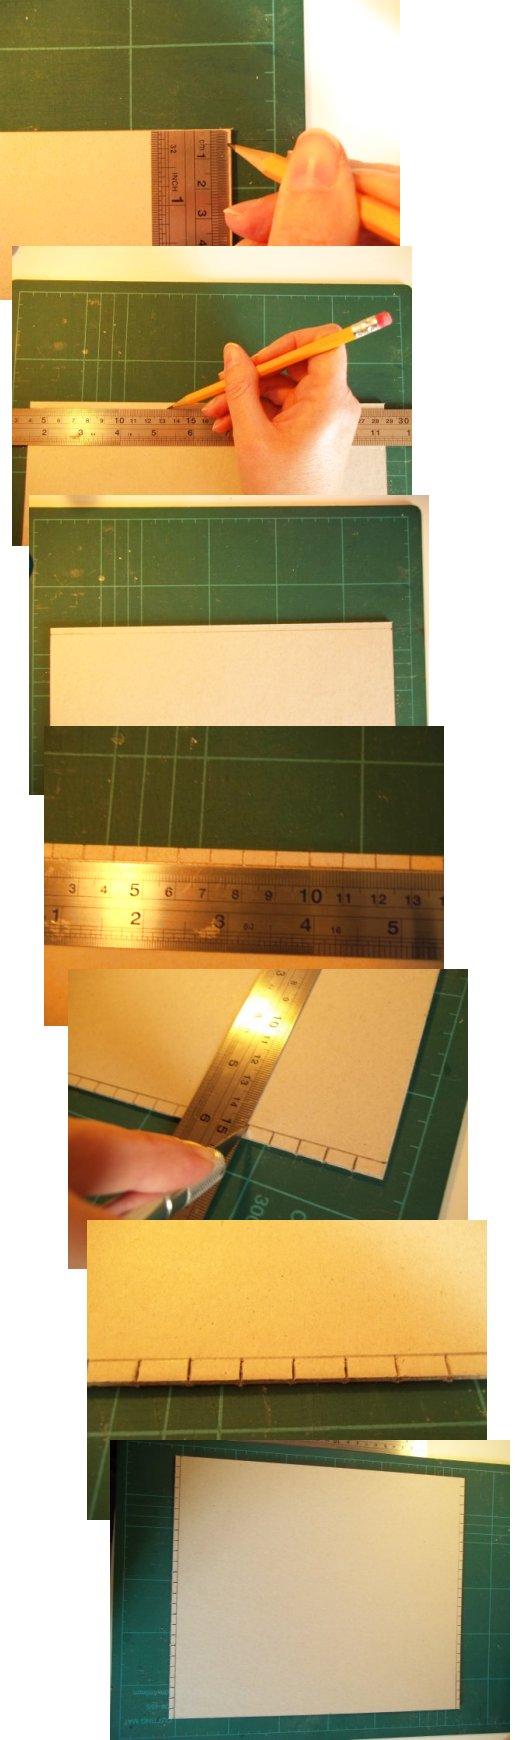 Tejido en telar de fabricación casera sencilla Basic-weaving-with-a-homemade-loom-step2